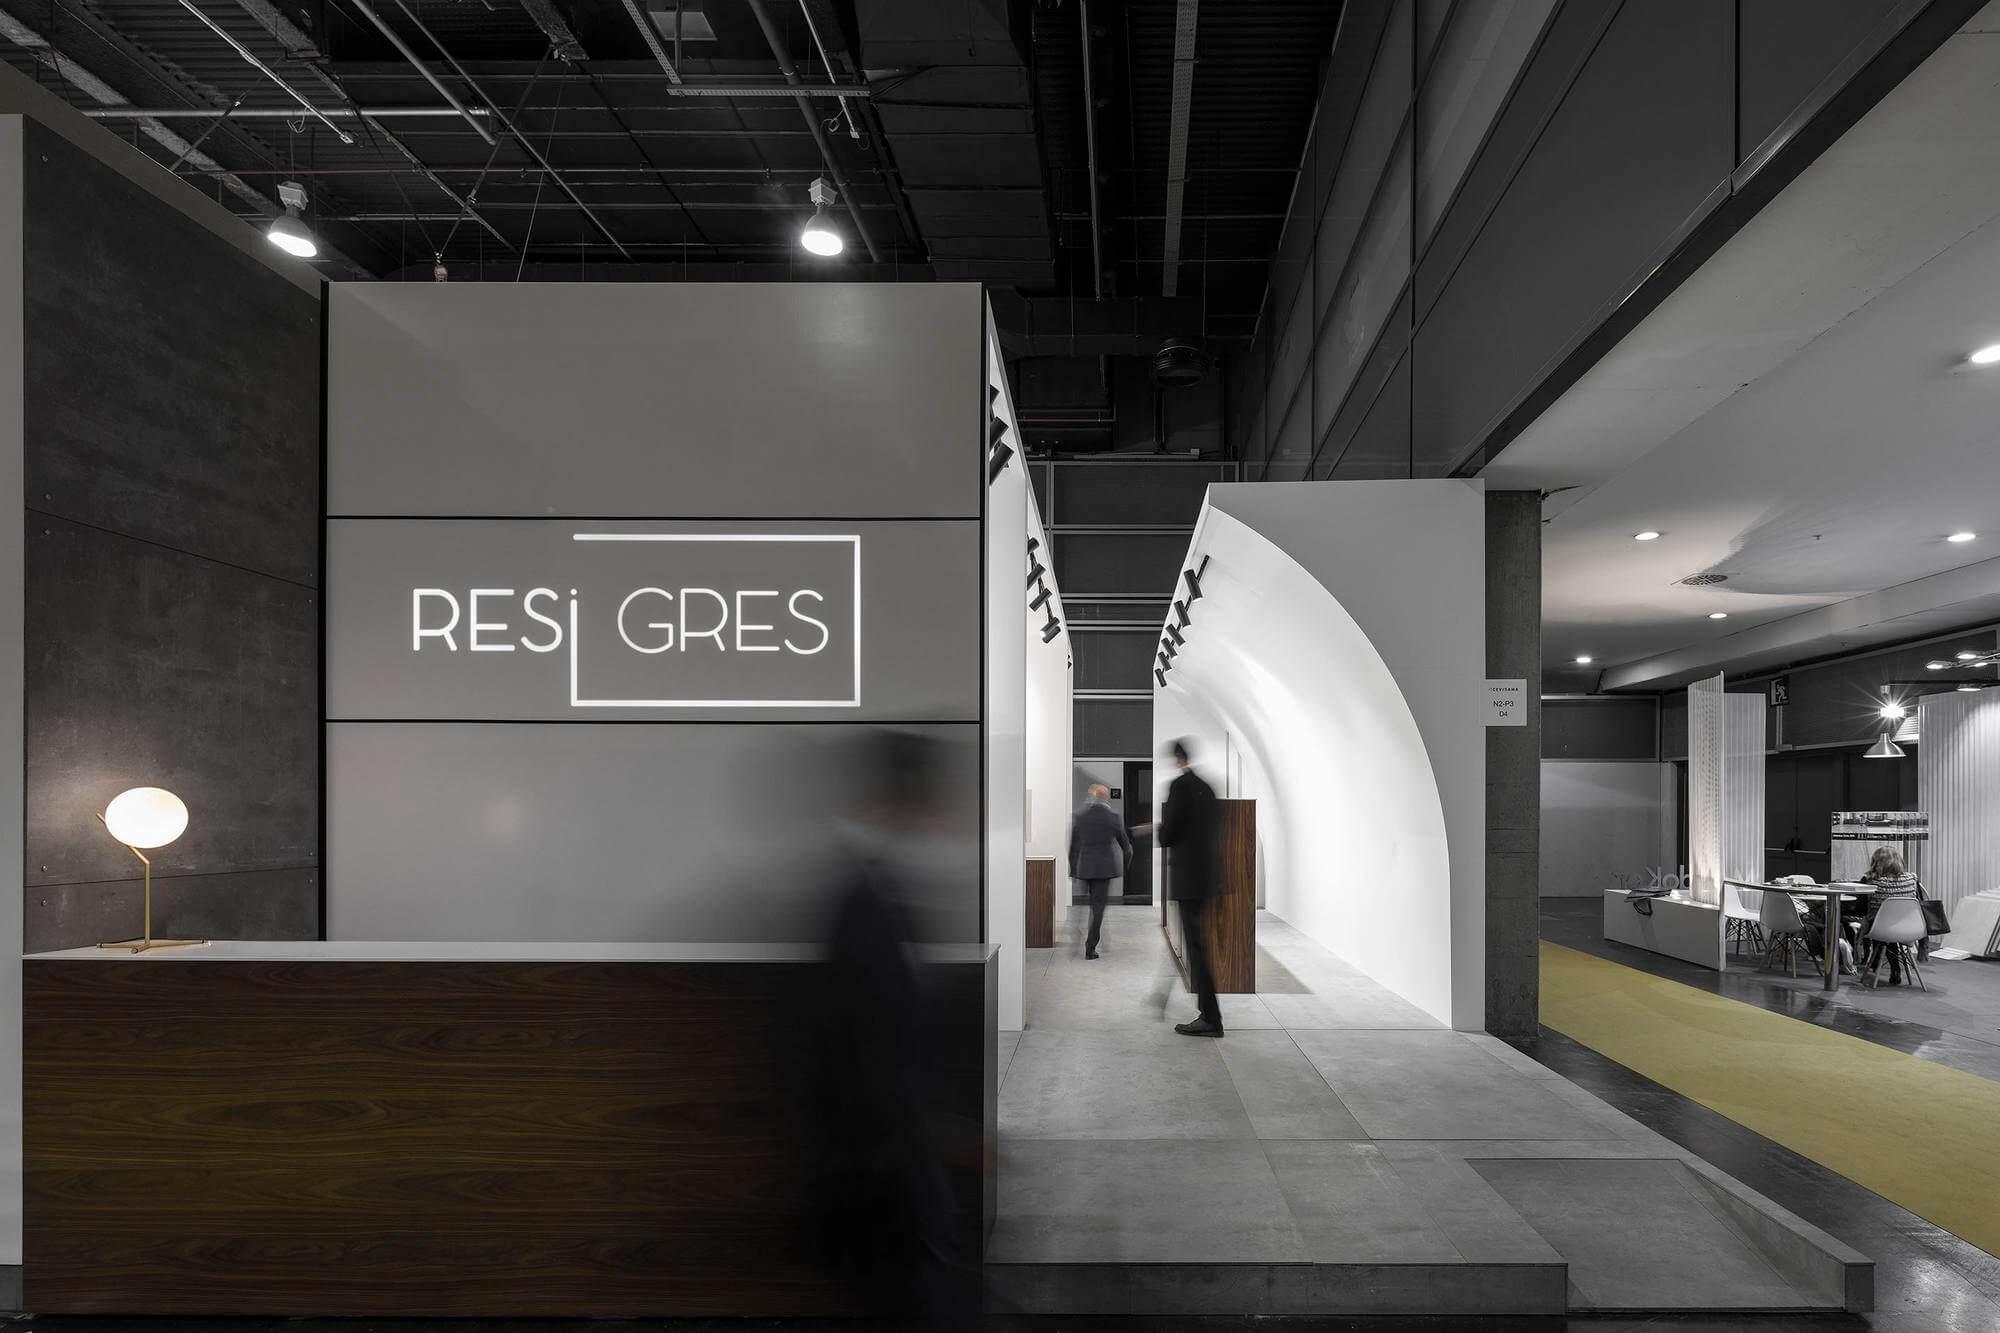 Xarquitetos Resigres Premios Plataforma Arquitetura do fotografo Ivo Tavares Studio